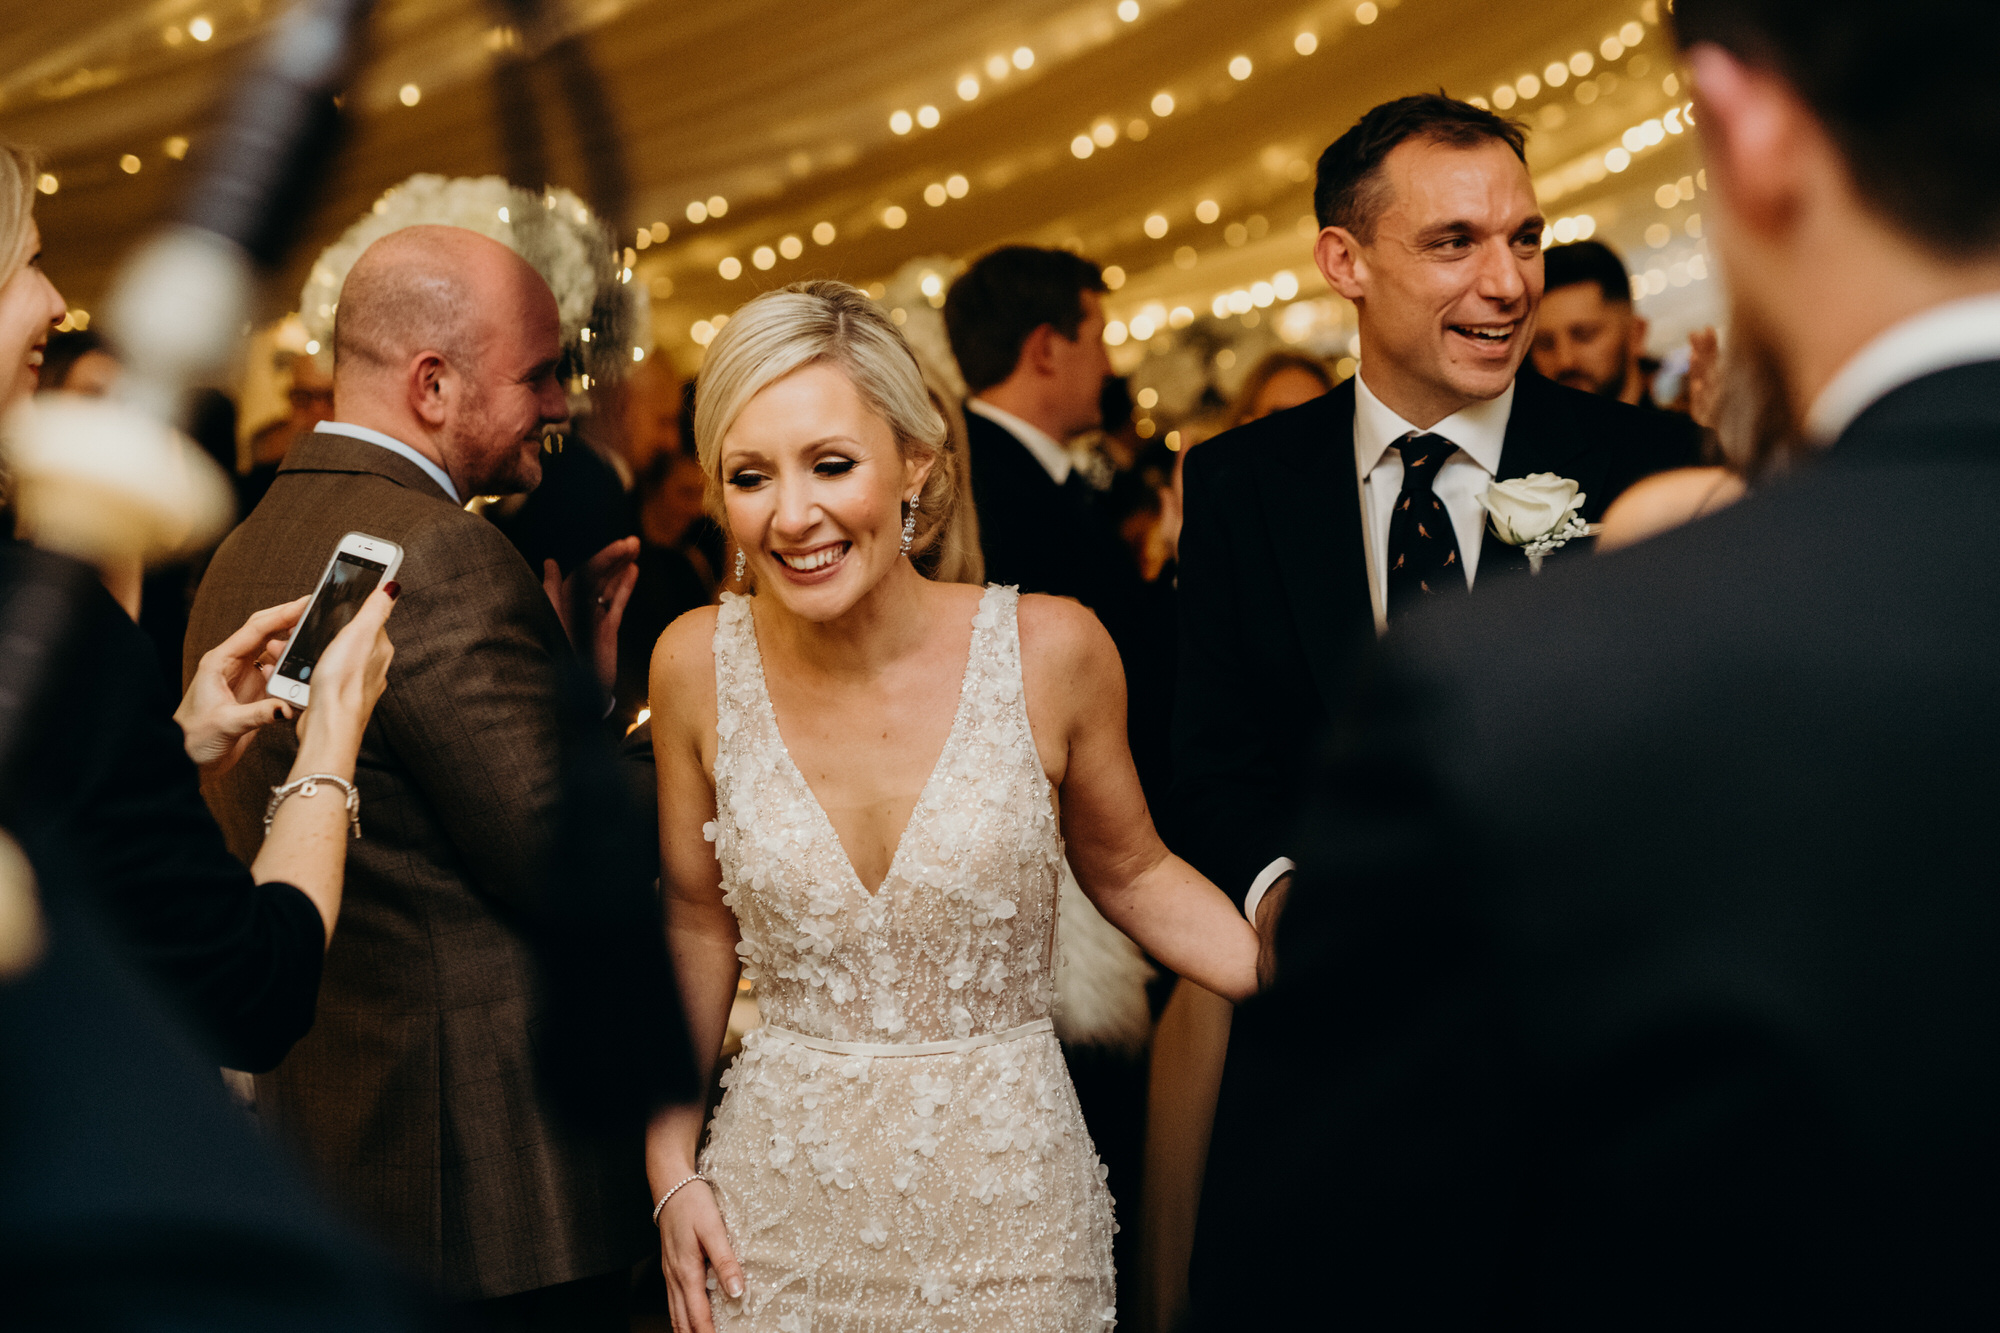 Glasgow documentary wedding photographer